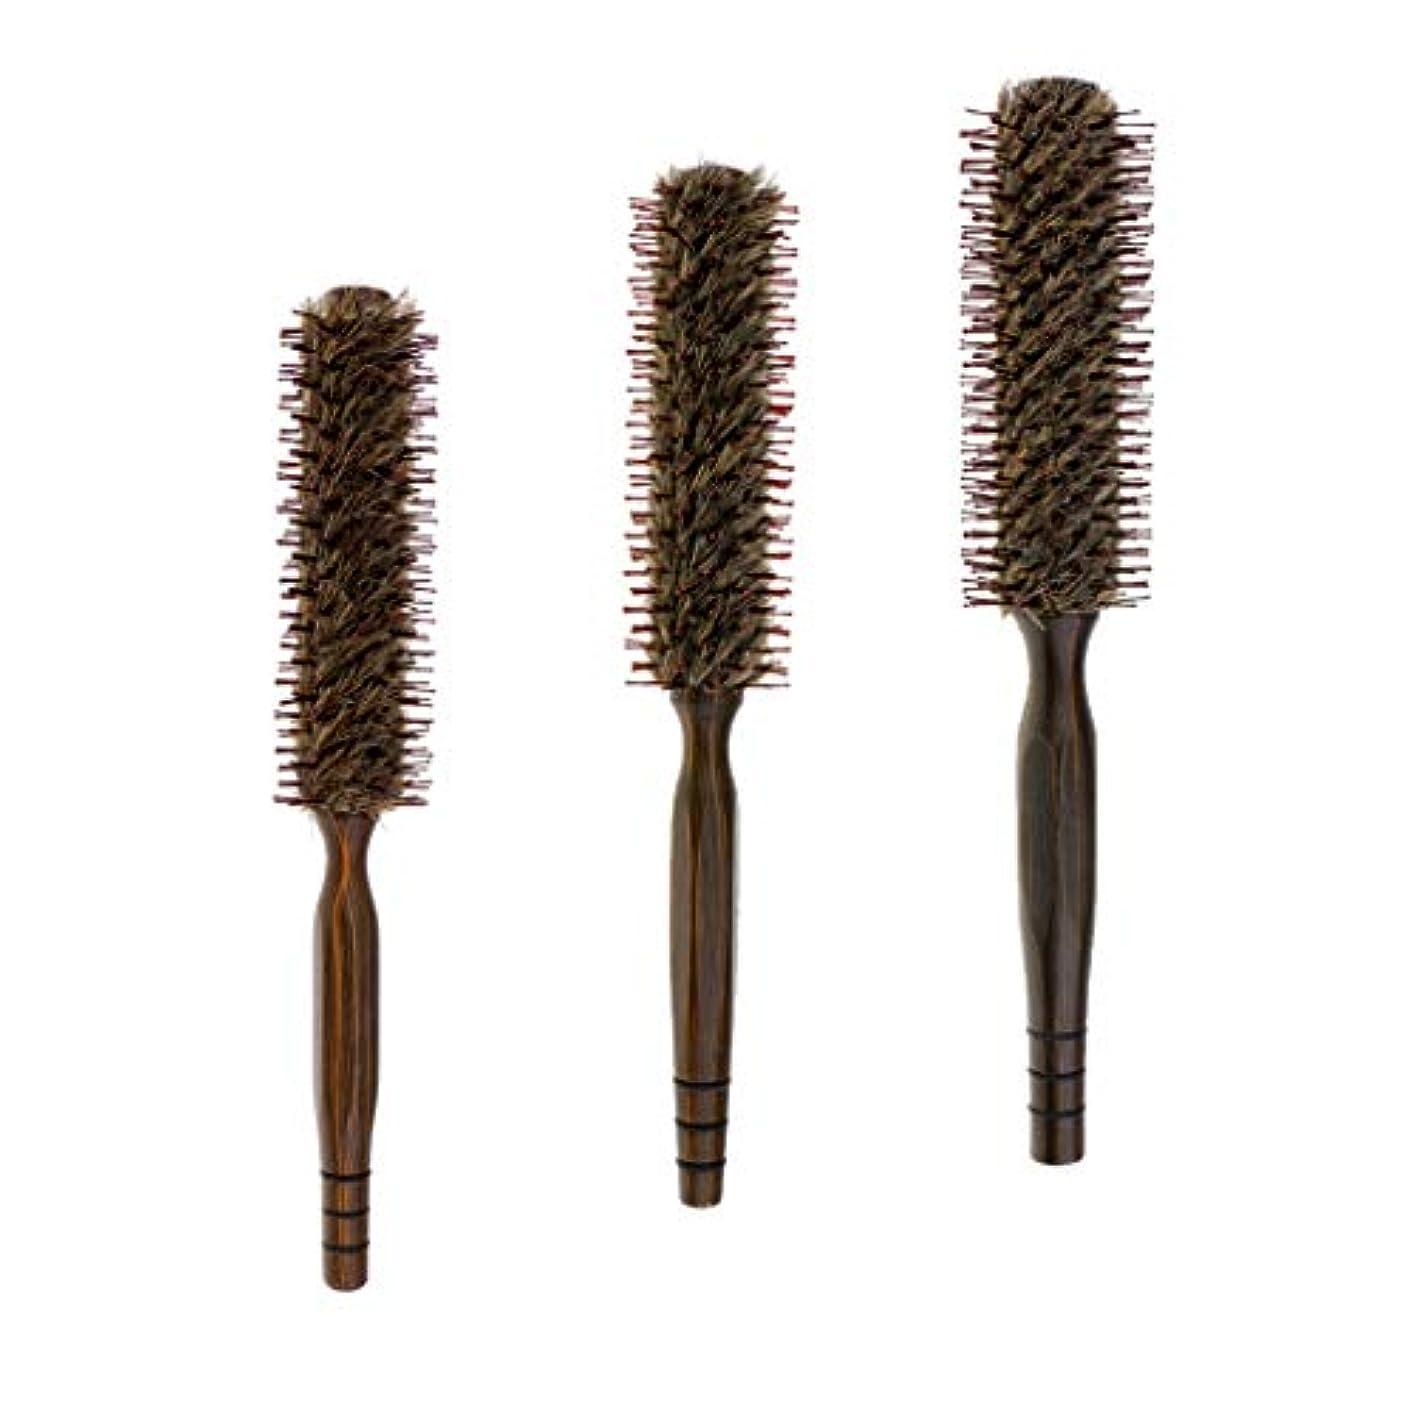 ヘルメット父方の俳句Toygogo 3パック小さい丸い木製理髪の毛の巻き毛の櫛のブラシ18/20 / 22mm